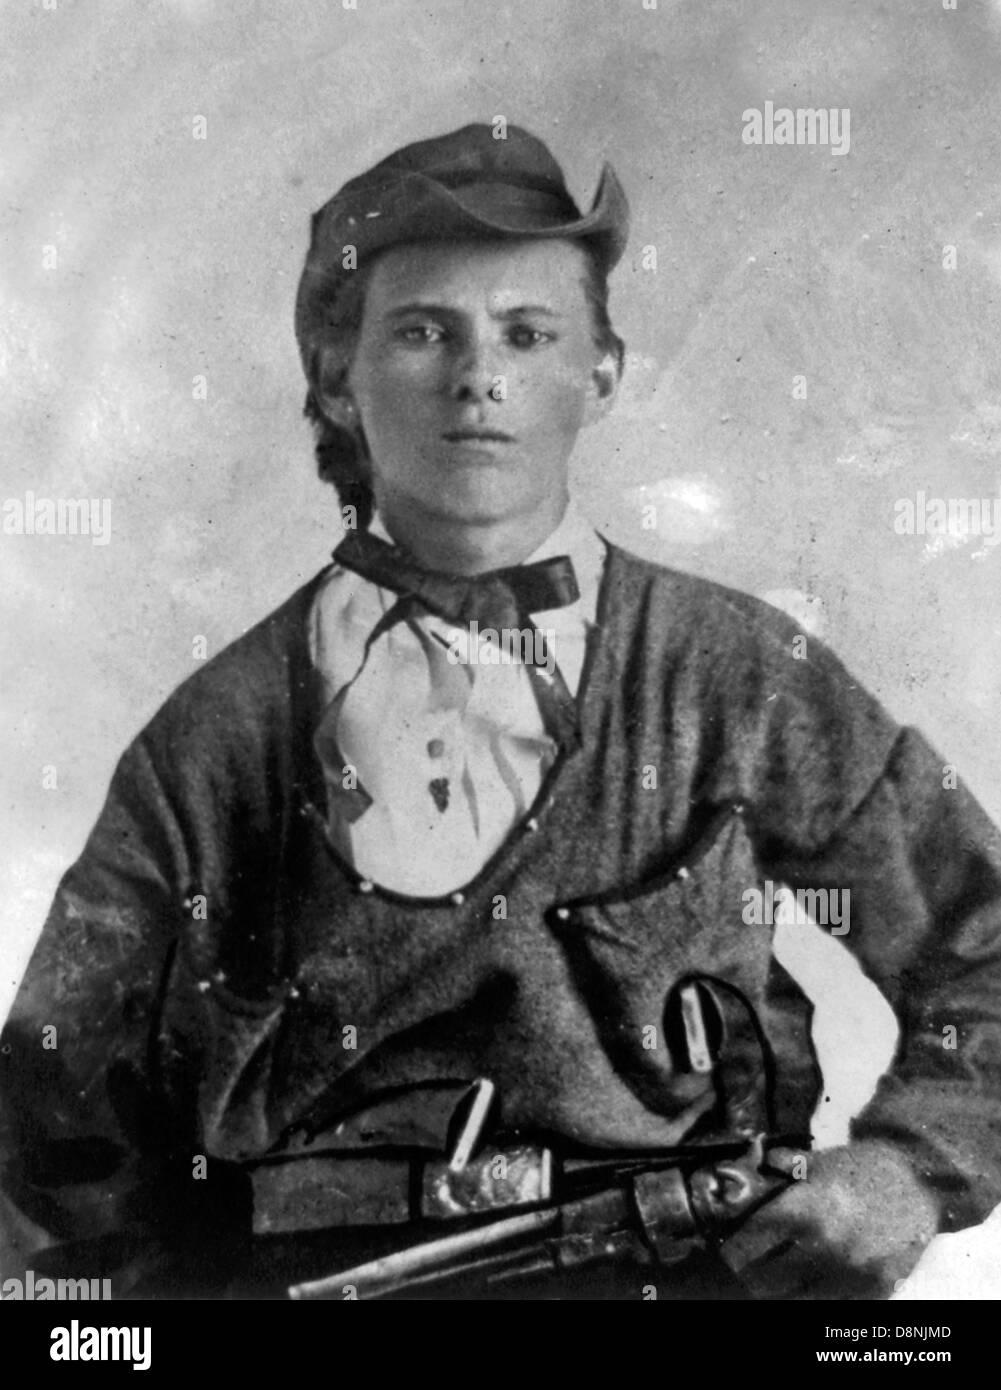 Jesse James como un hombre joven Imagen De Stock